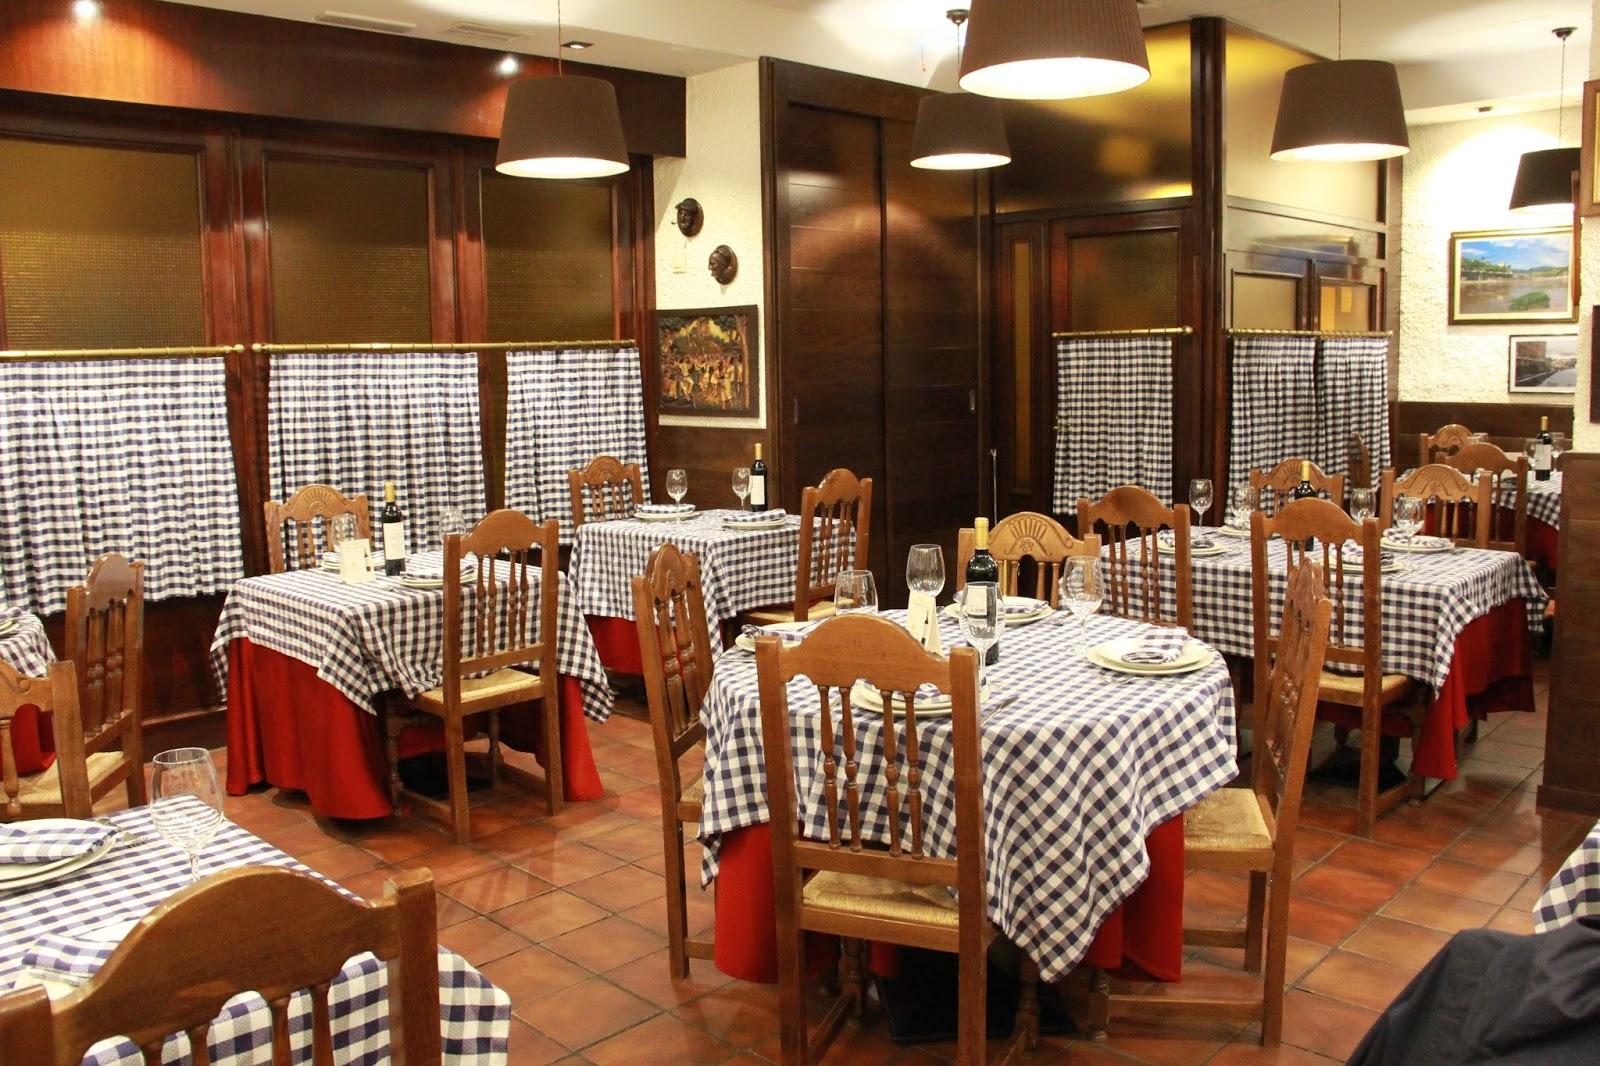 Lazy blog restaurante rdago un cl sico de la cocina - Lazy blog cocina ...